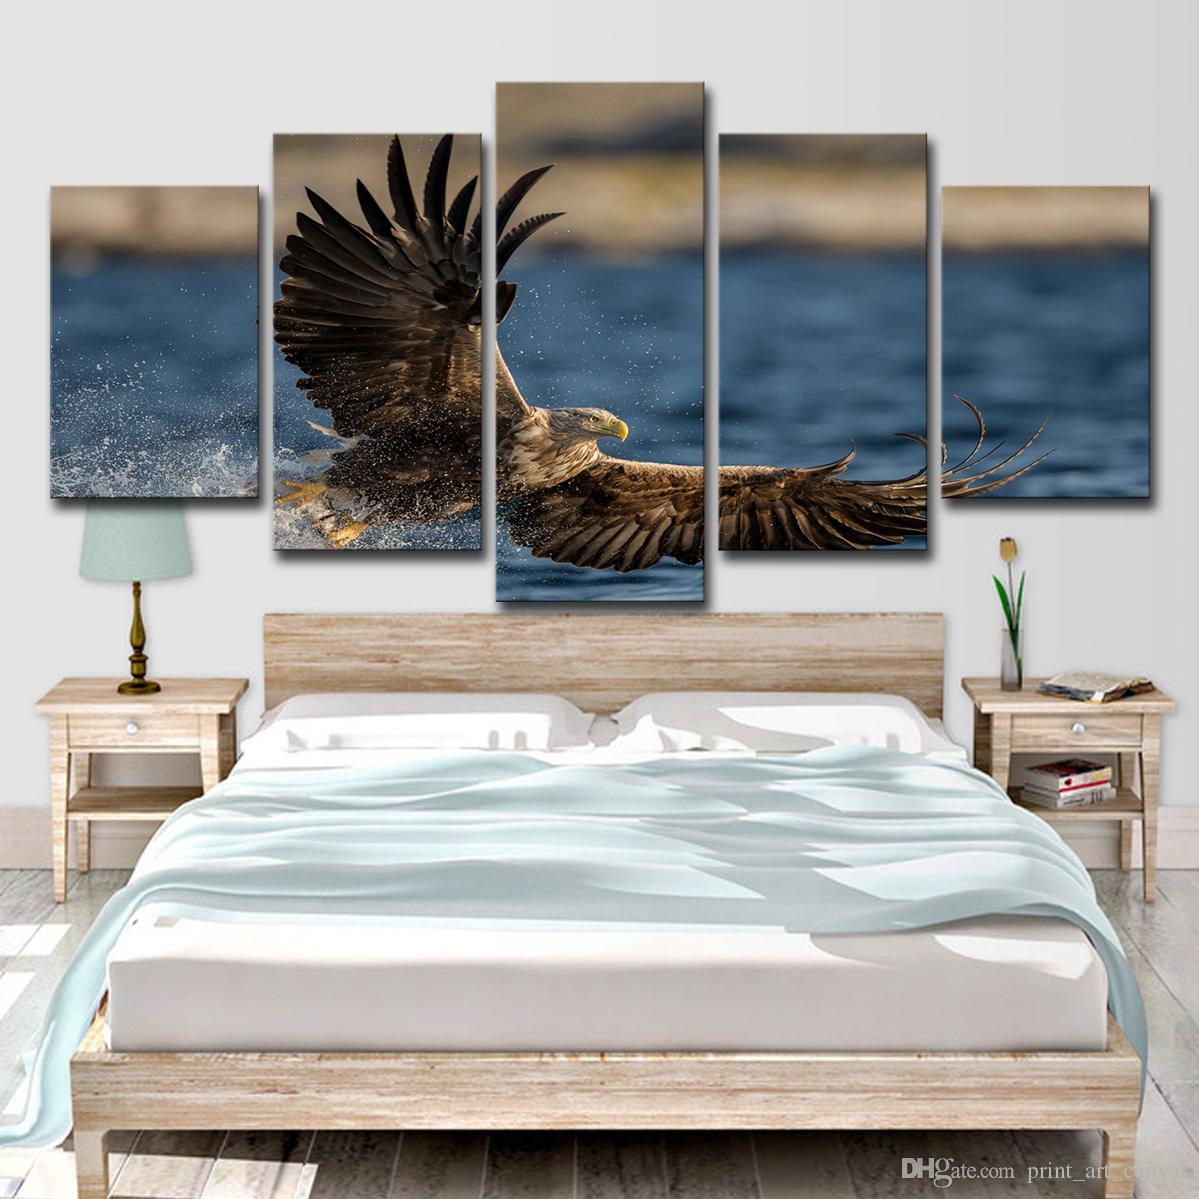 5 adet HD Baskılı Deniz Kartal Tuval üzerine Boyama Odası Dekorasyon Baskı Posteri Resim Tuval Ücretsiz Nakliye